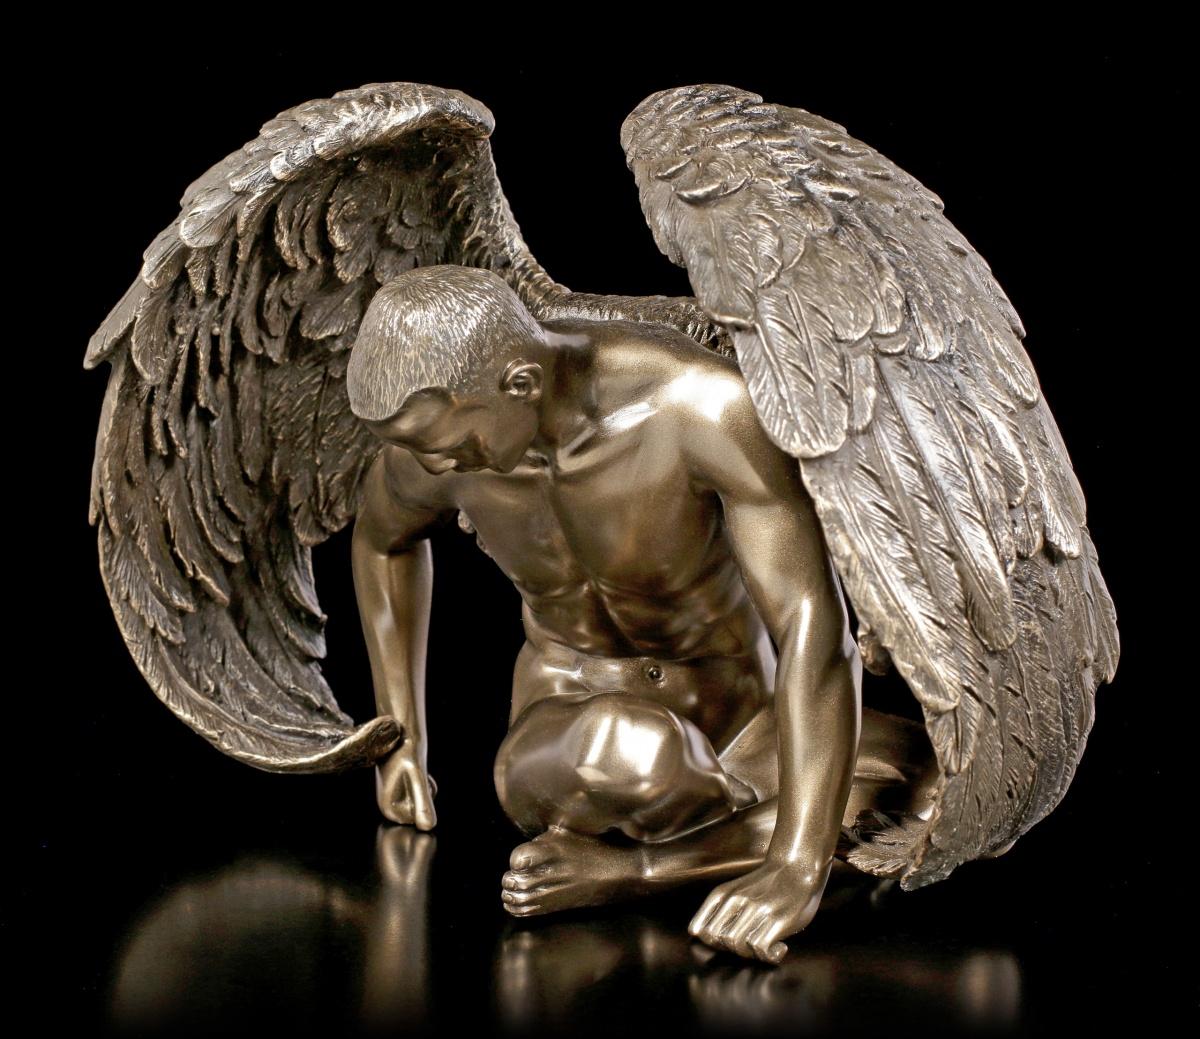 Männlicher Engel - Akt Figur - Angels Rest - Fantasy Mann